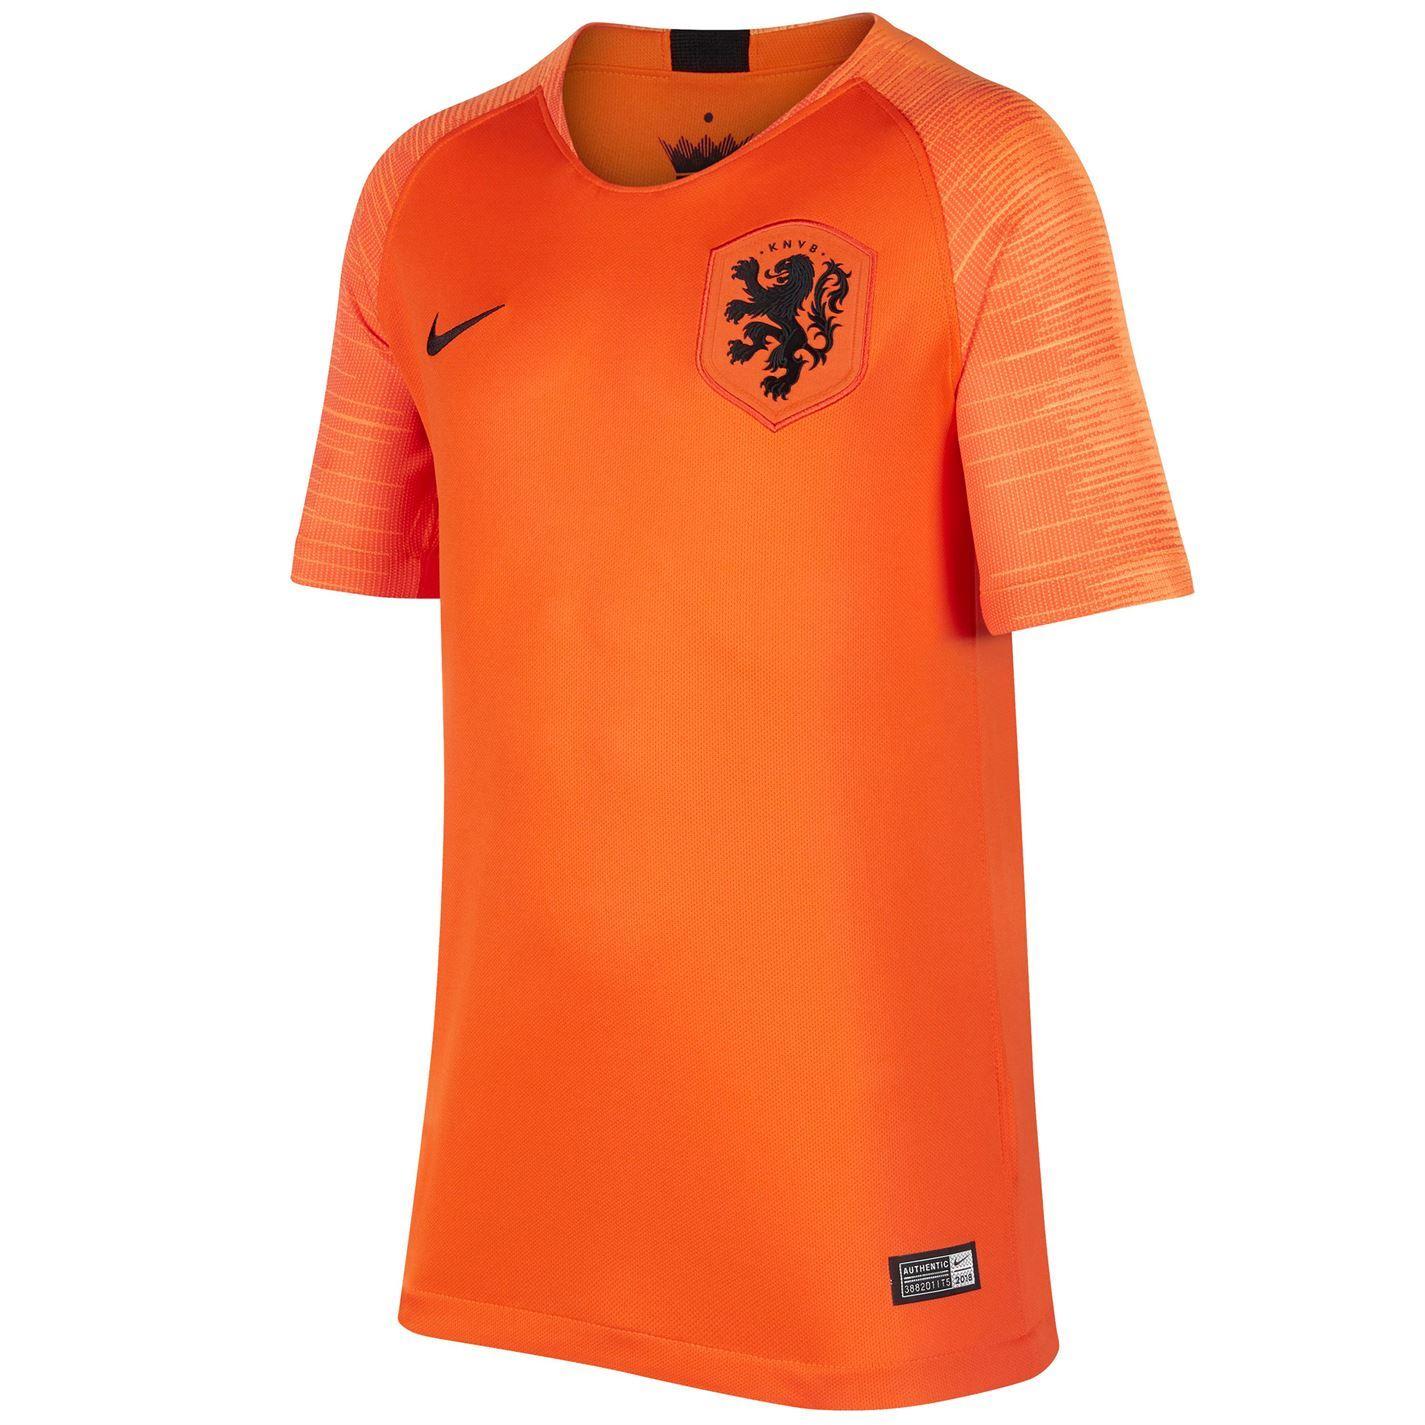 ... Nike Netherlands Home Jersey 2018 Holland Juniors Orange Football  Soccer Shirt ... 8c5a261a4a74